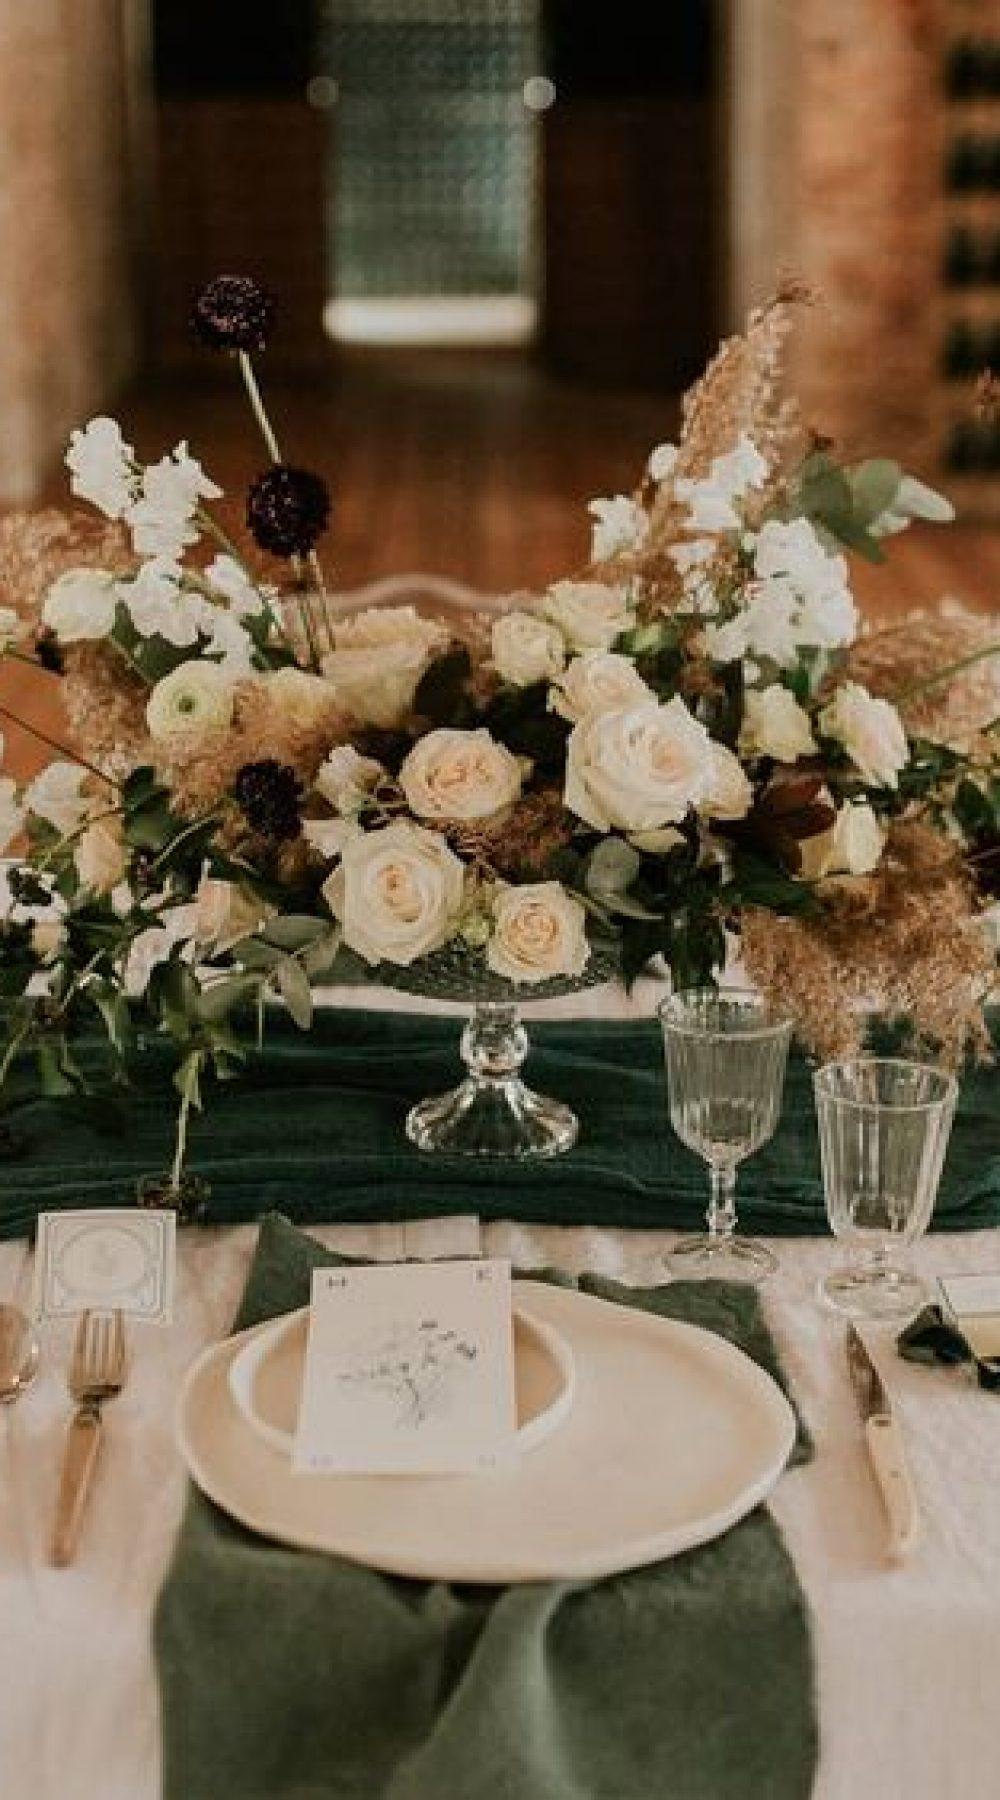 table de mariage teinture vegetale chemin de table serviettes artisanat made in france